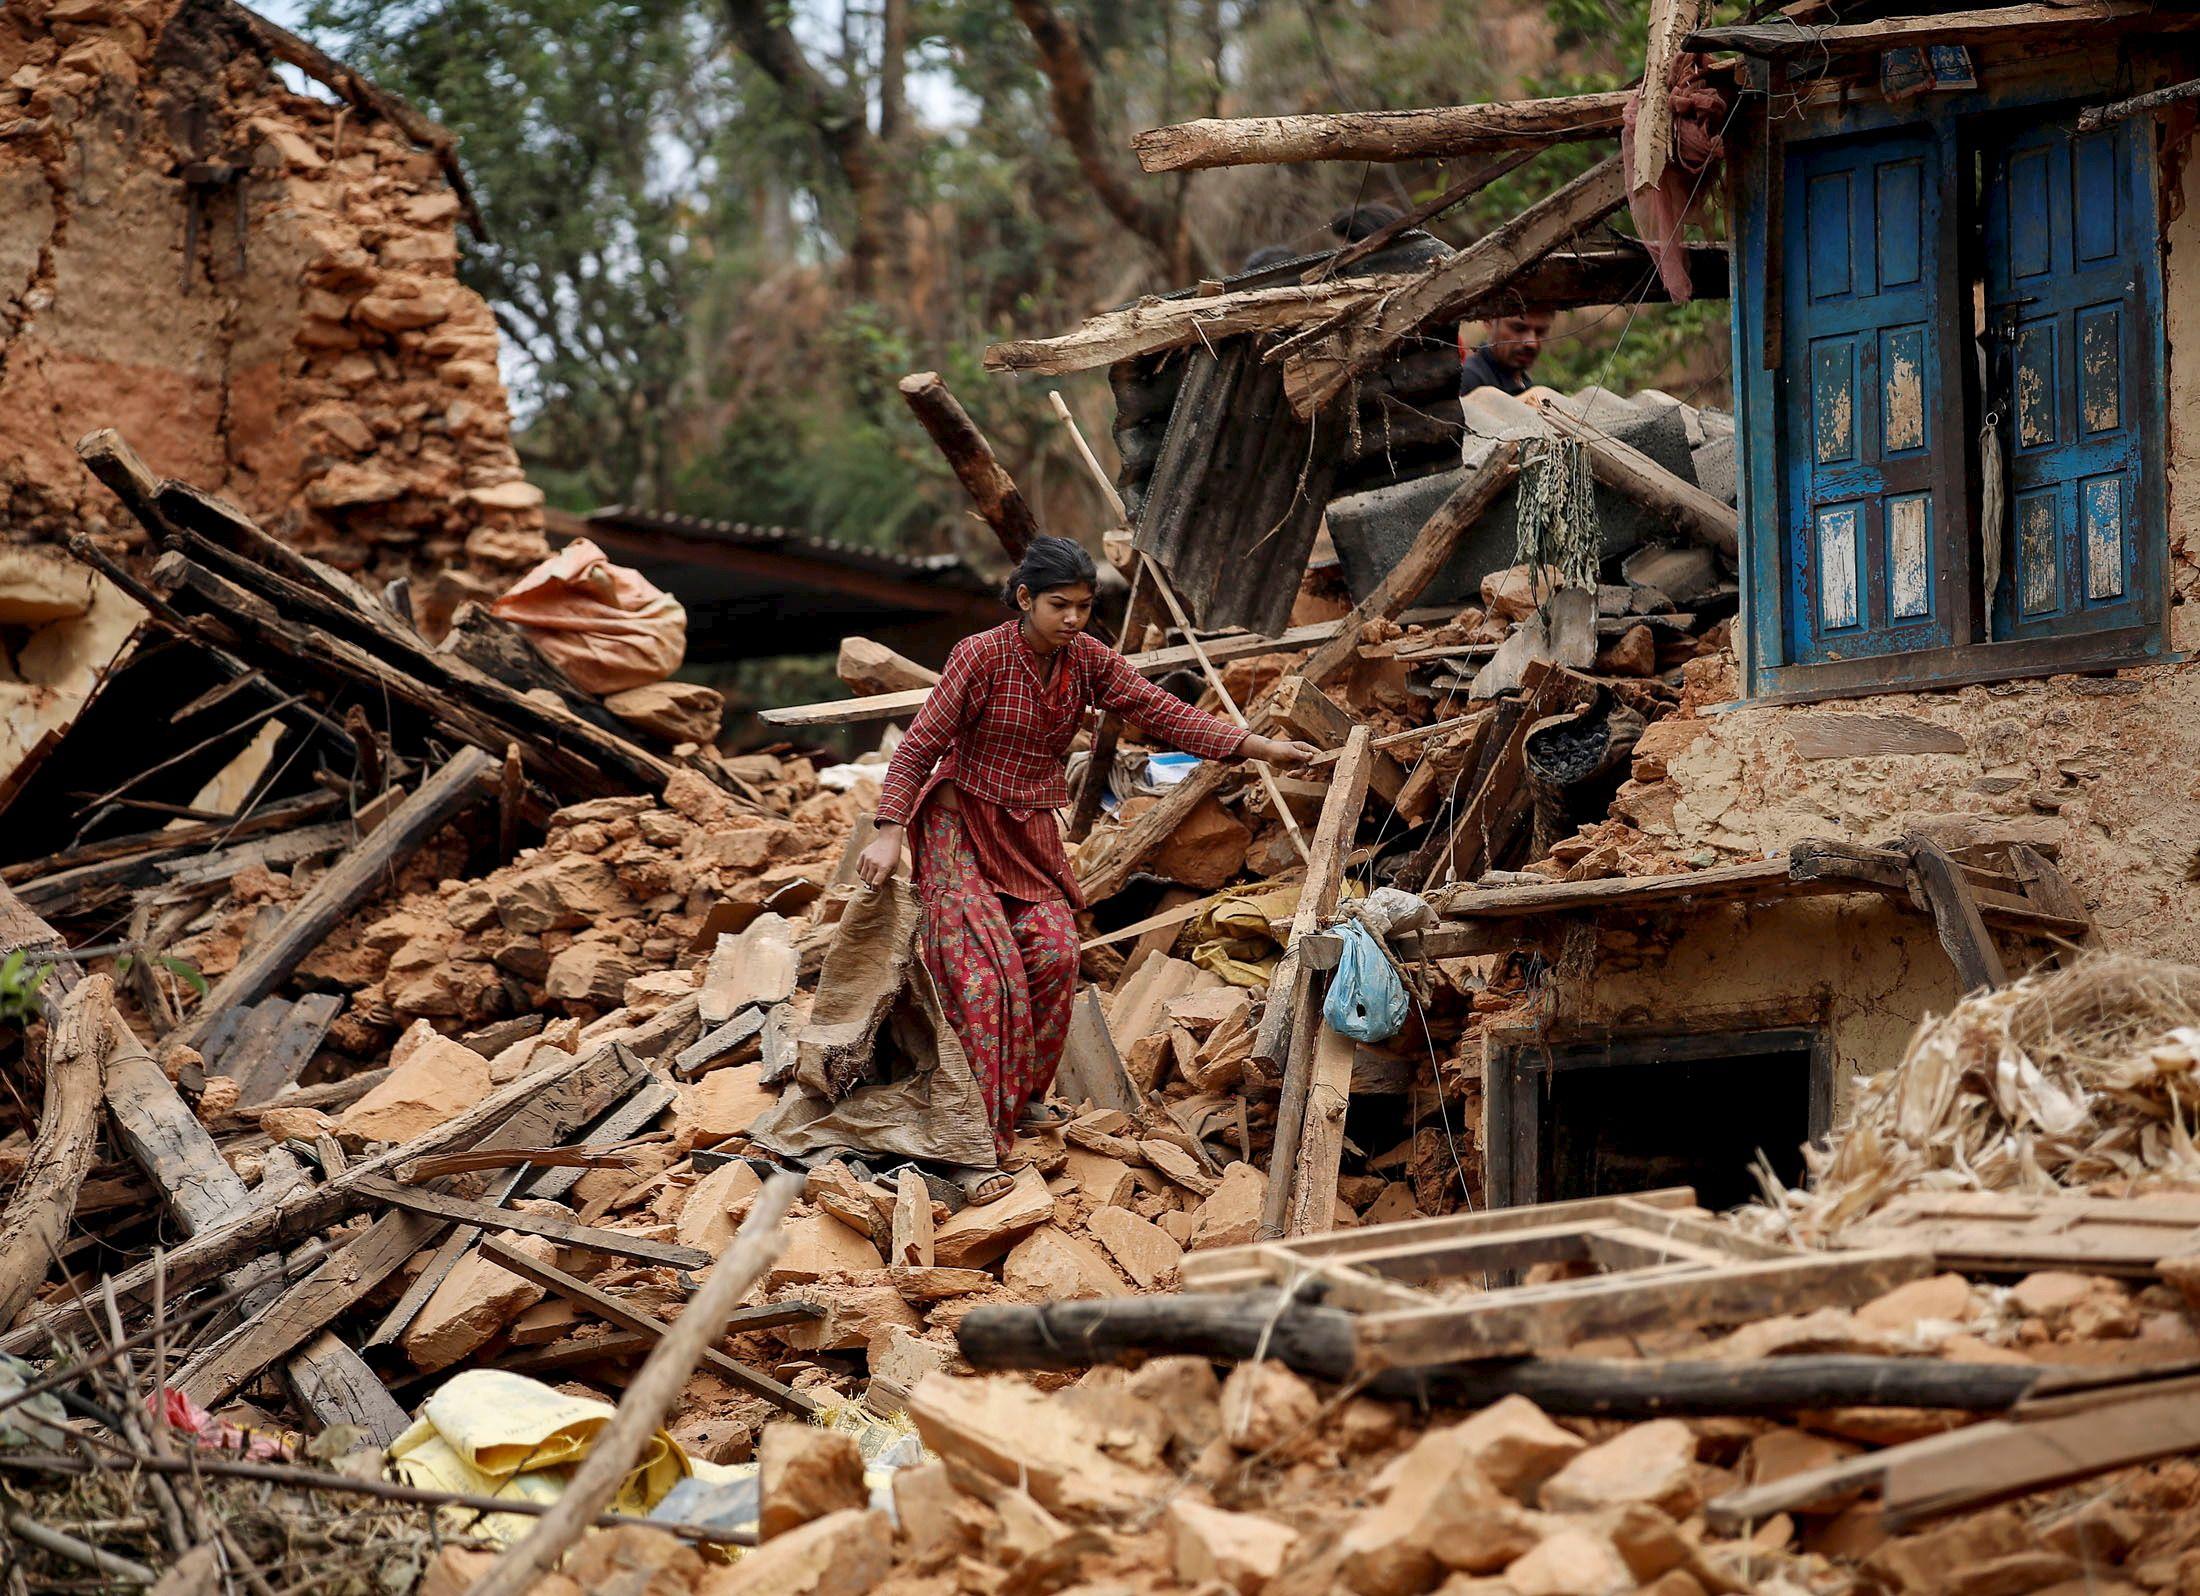 Séisme au Népal : le bilan français fait état de 3 morts, 7 disparus et 79 personnes injoignables